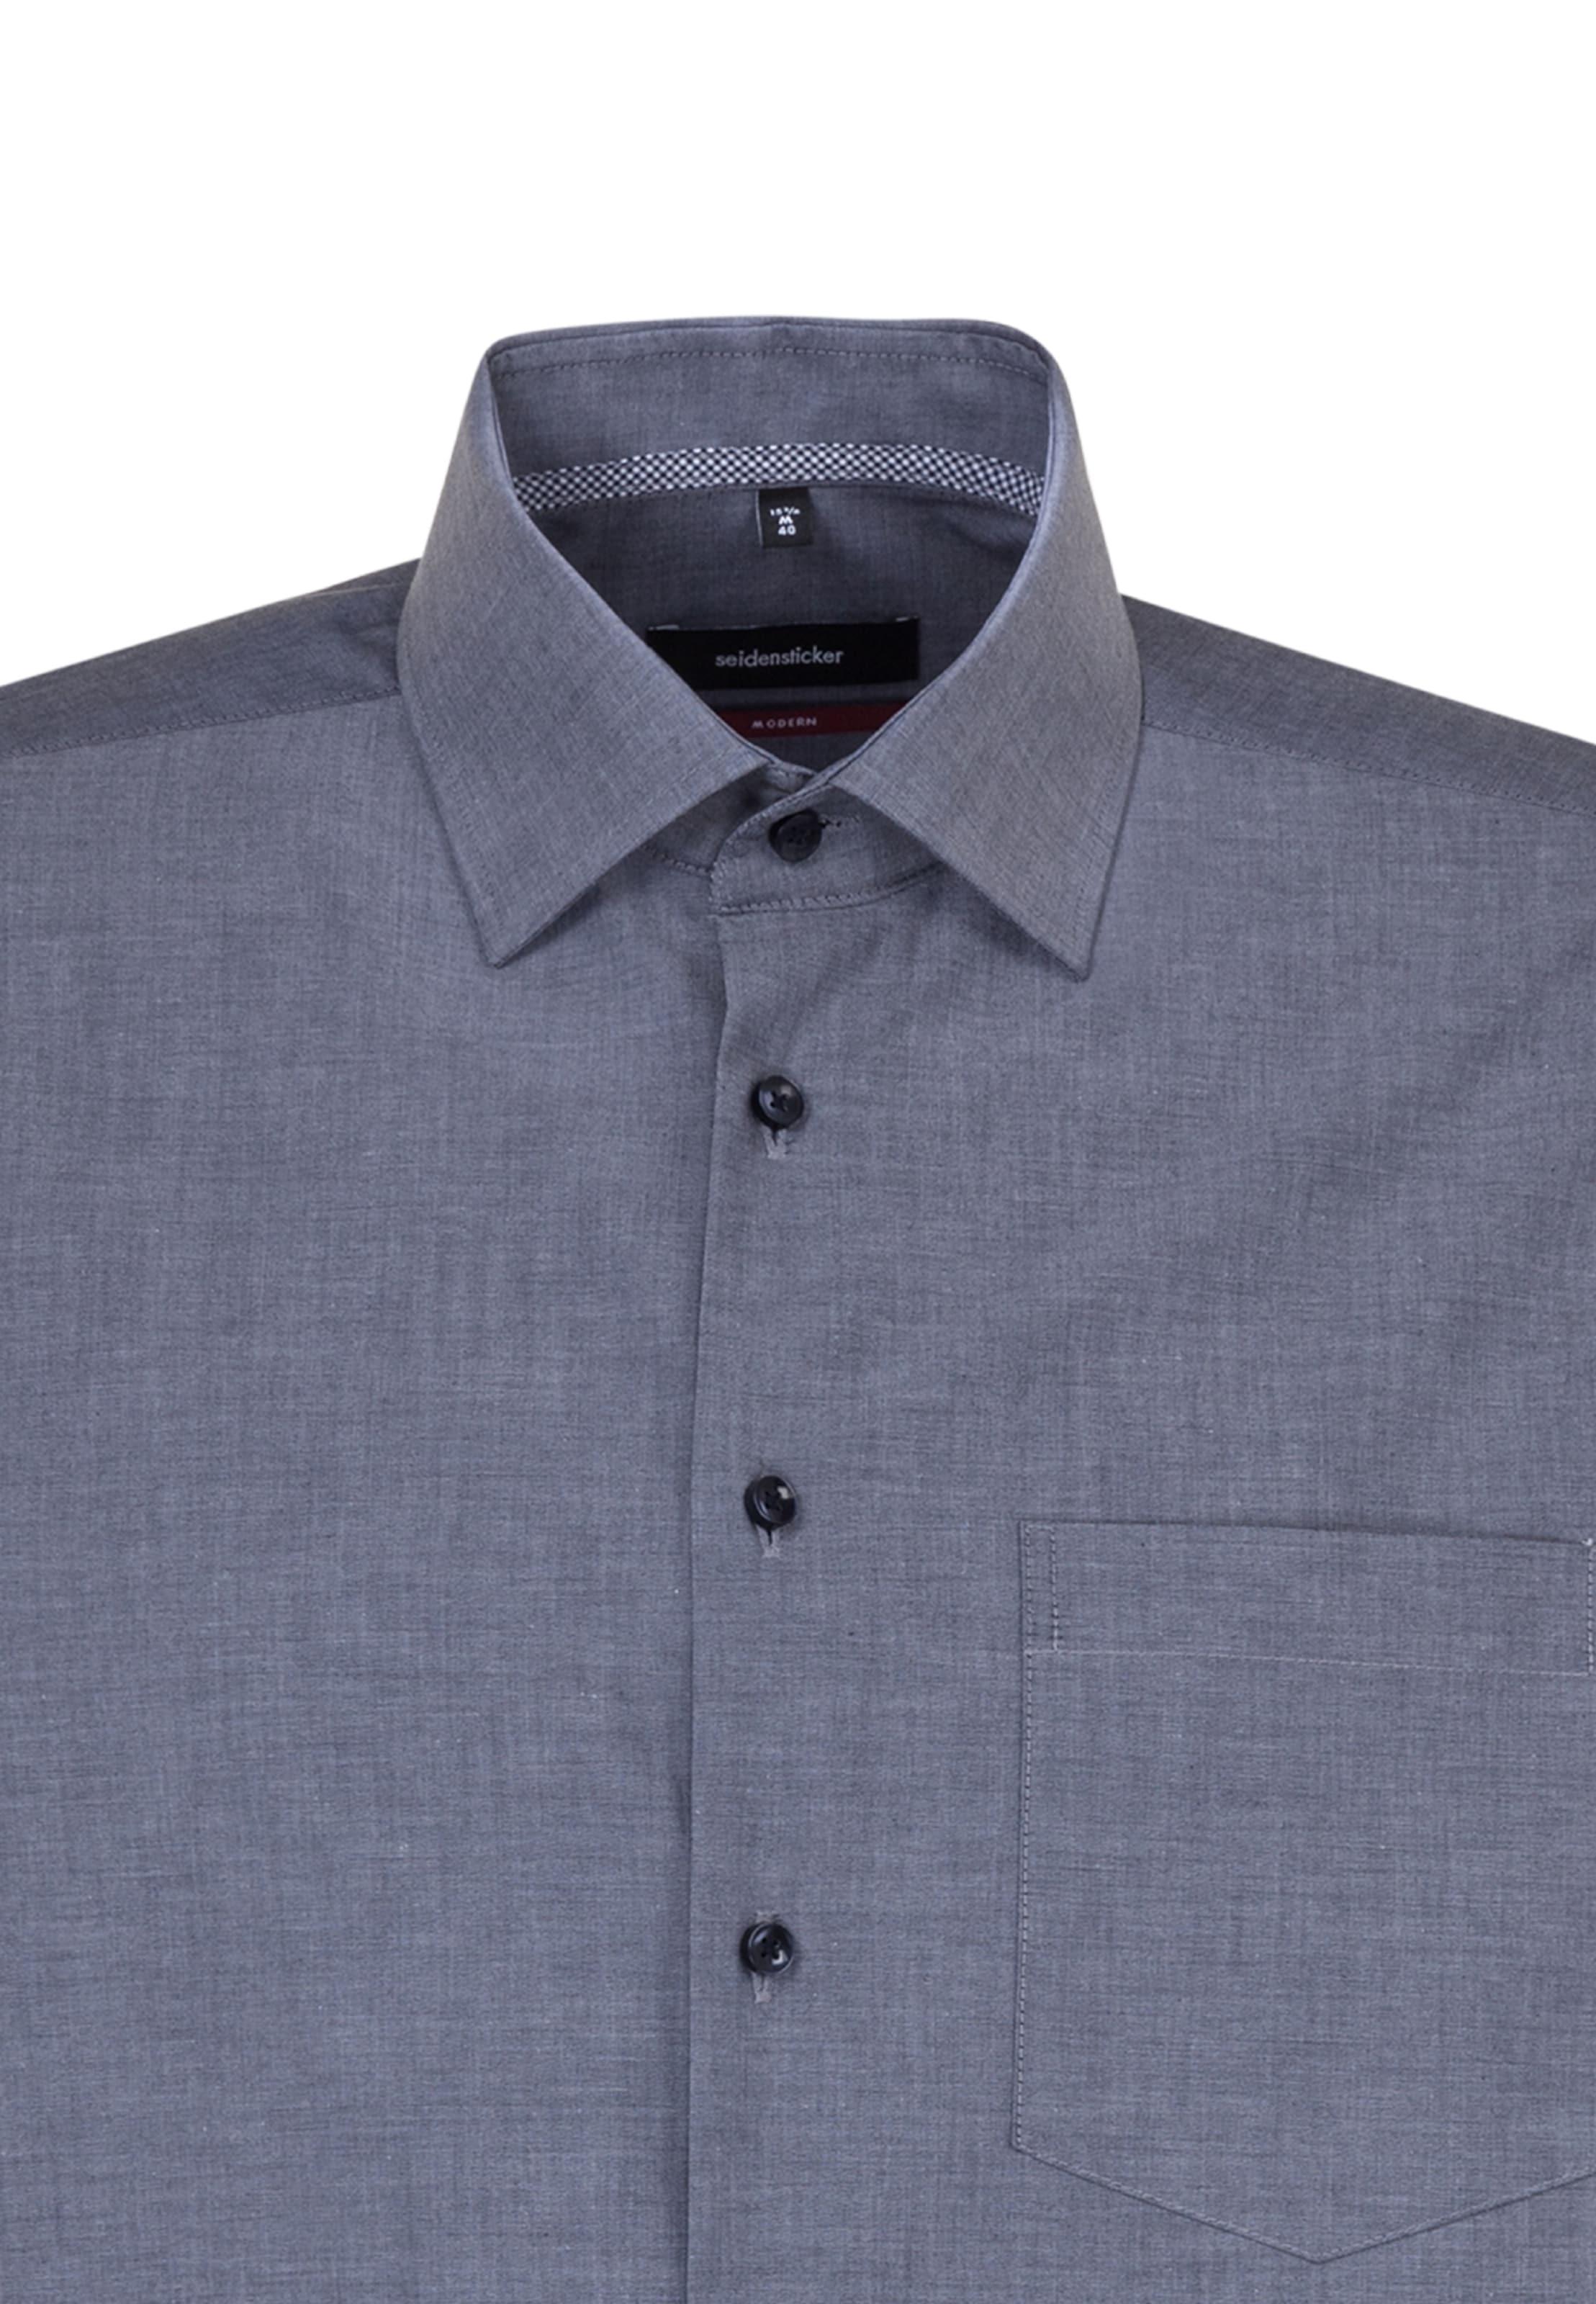 In Blau Blau Seidensticker Seidensticker Hemd In 'modern' 'modern' 'modern' In Seidensticker Hemd Hemd y0vmNw8nO